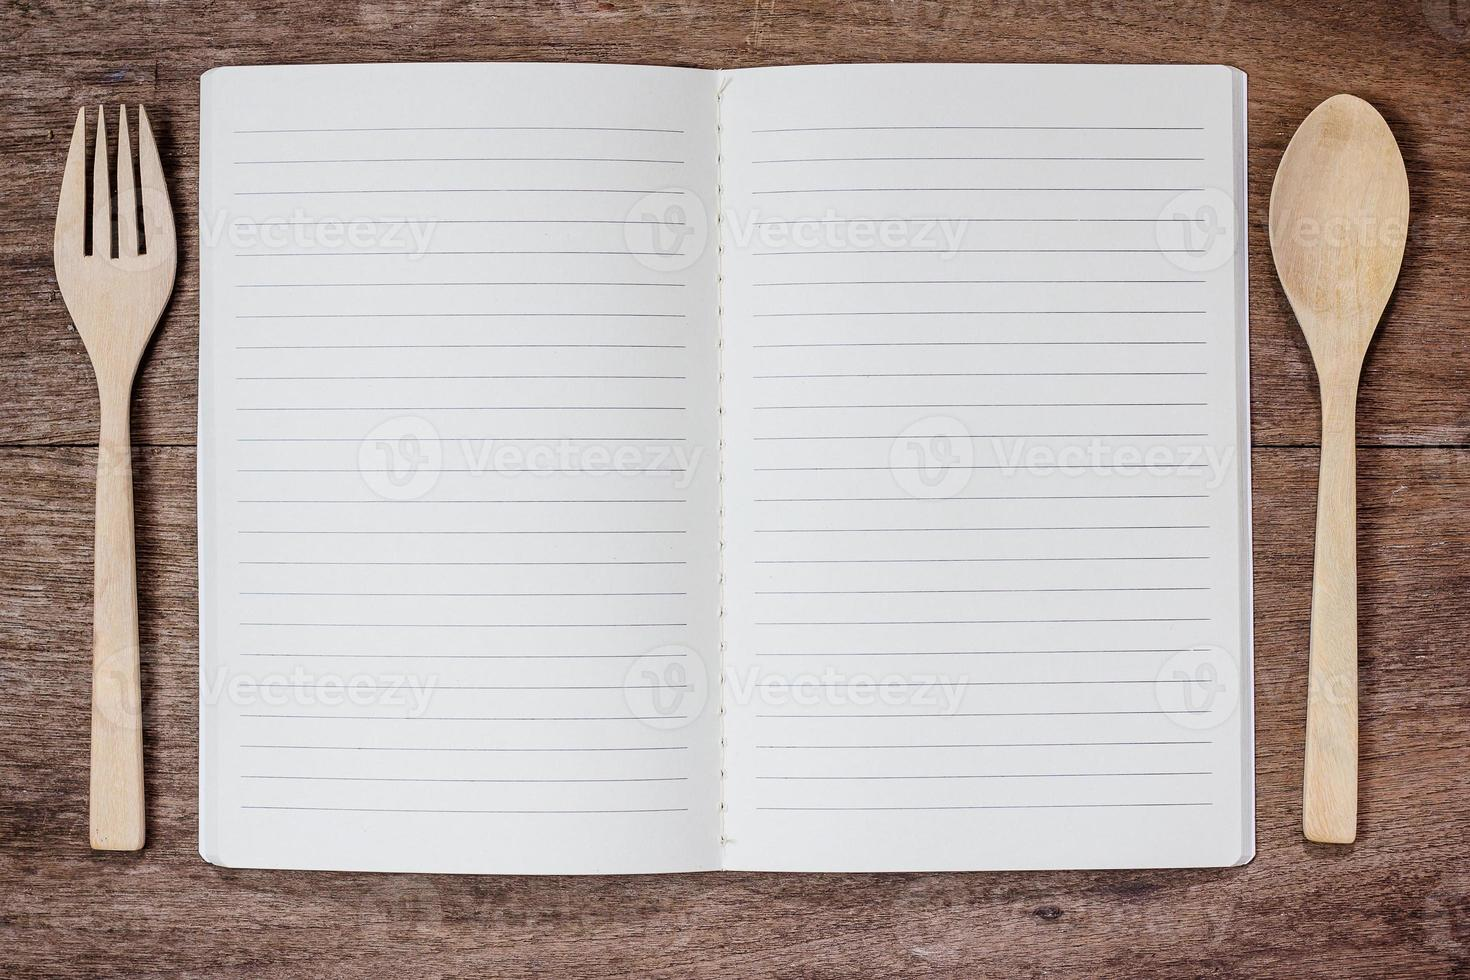 Rezeptbuch und Löffel, Gabel auf Holz foto